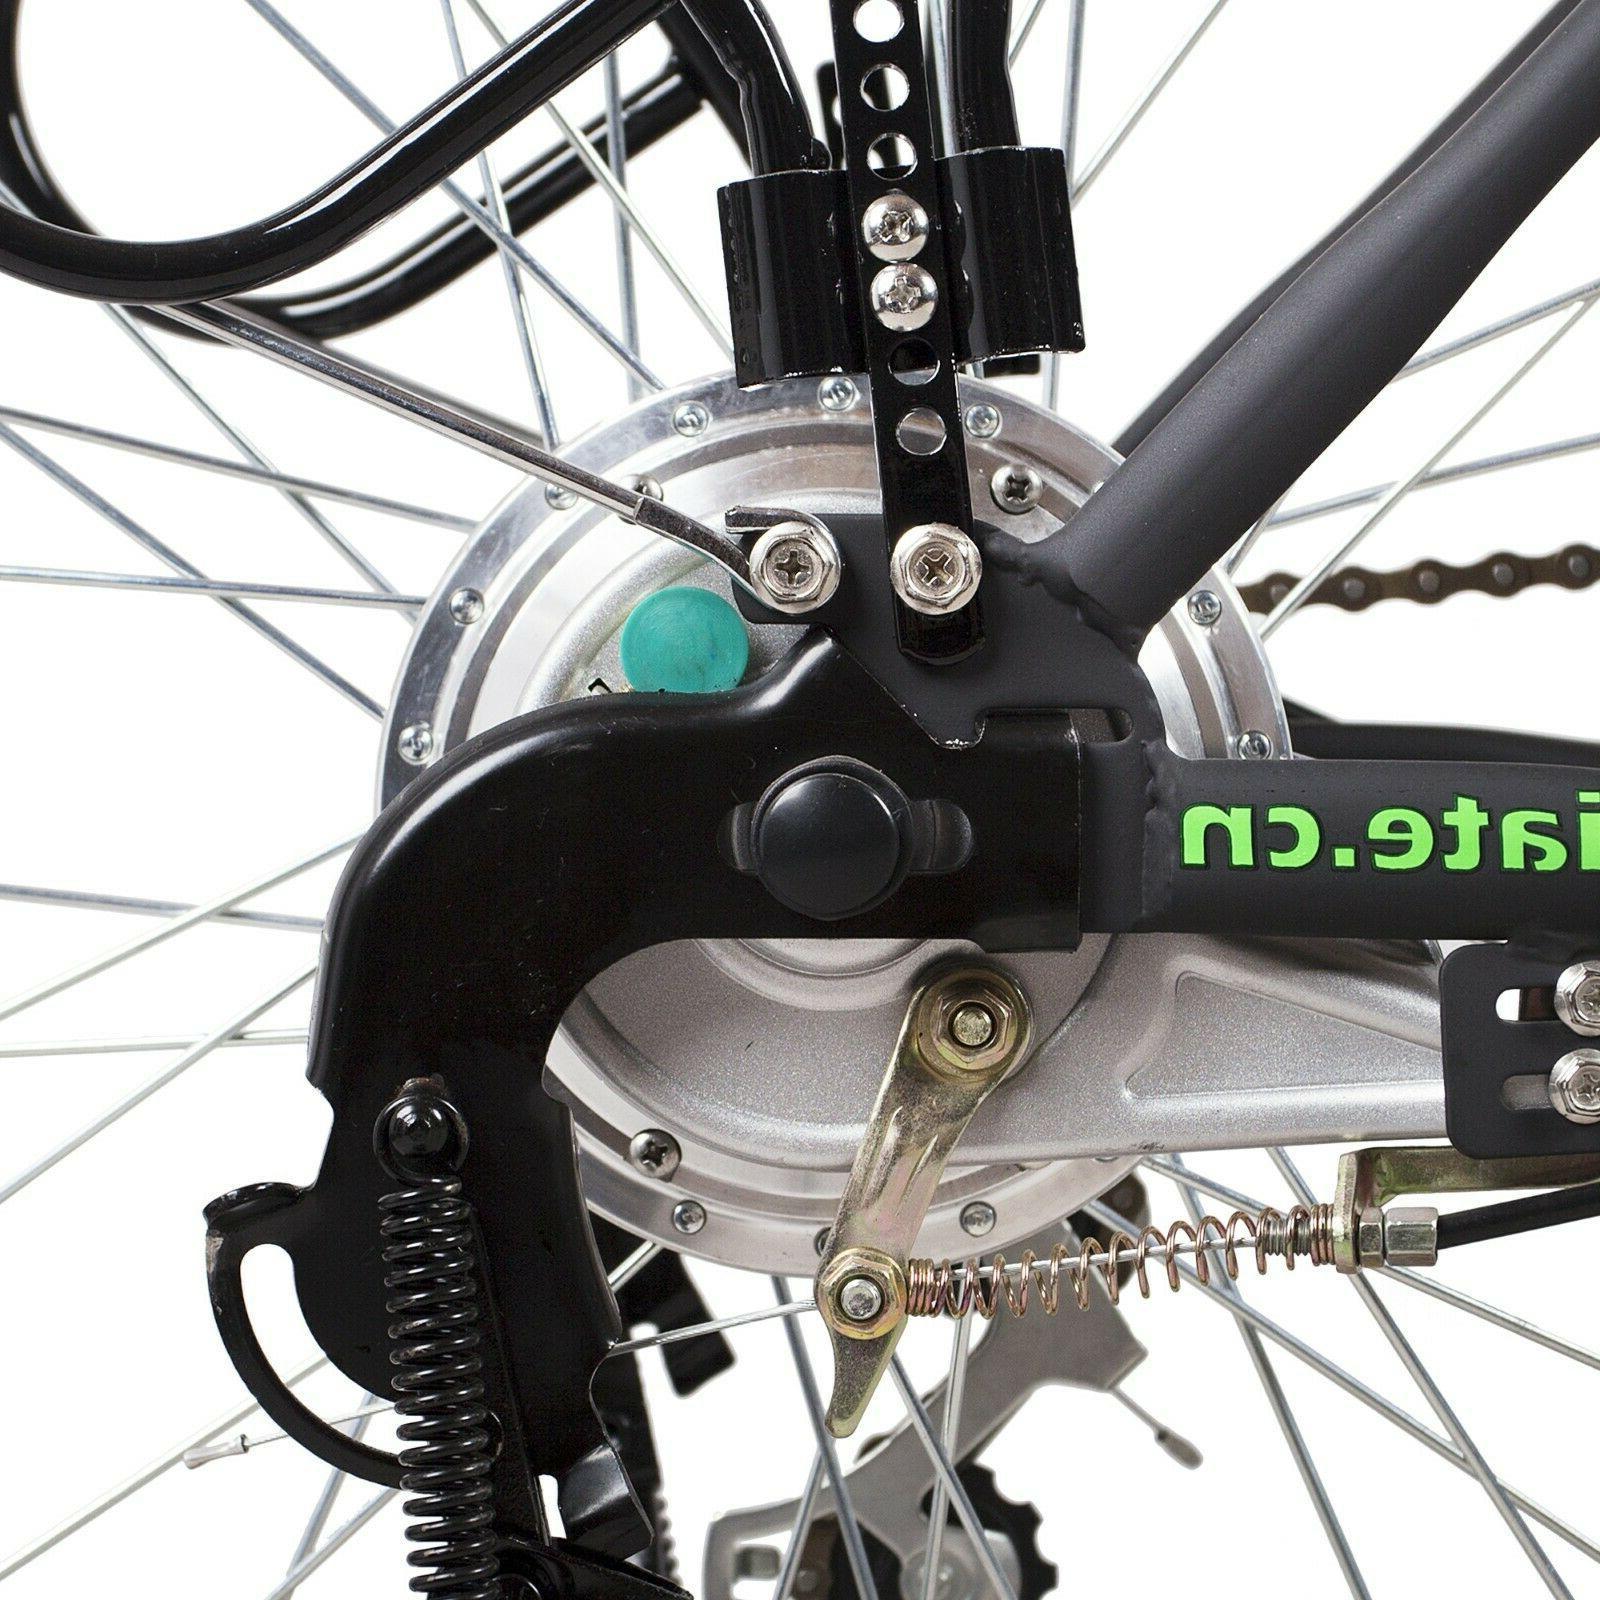 Basket Adult Bike Removable